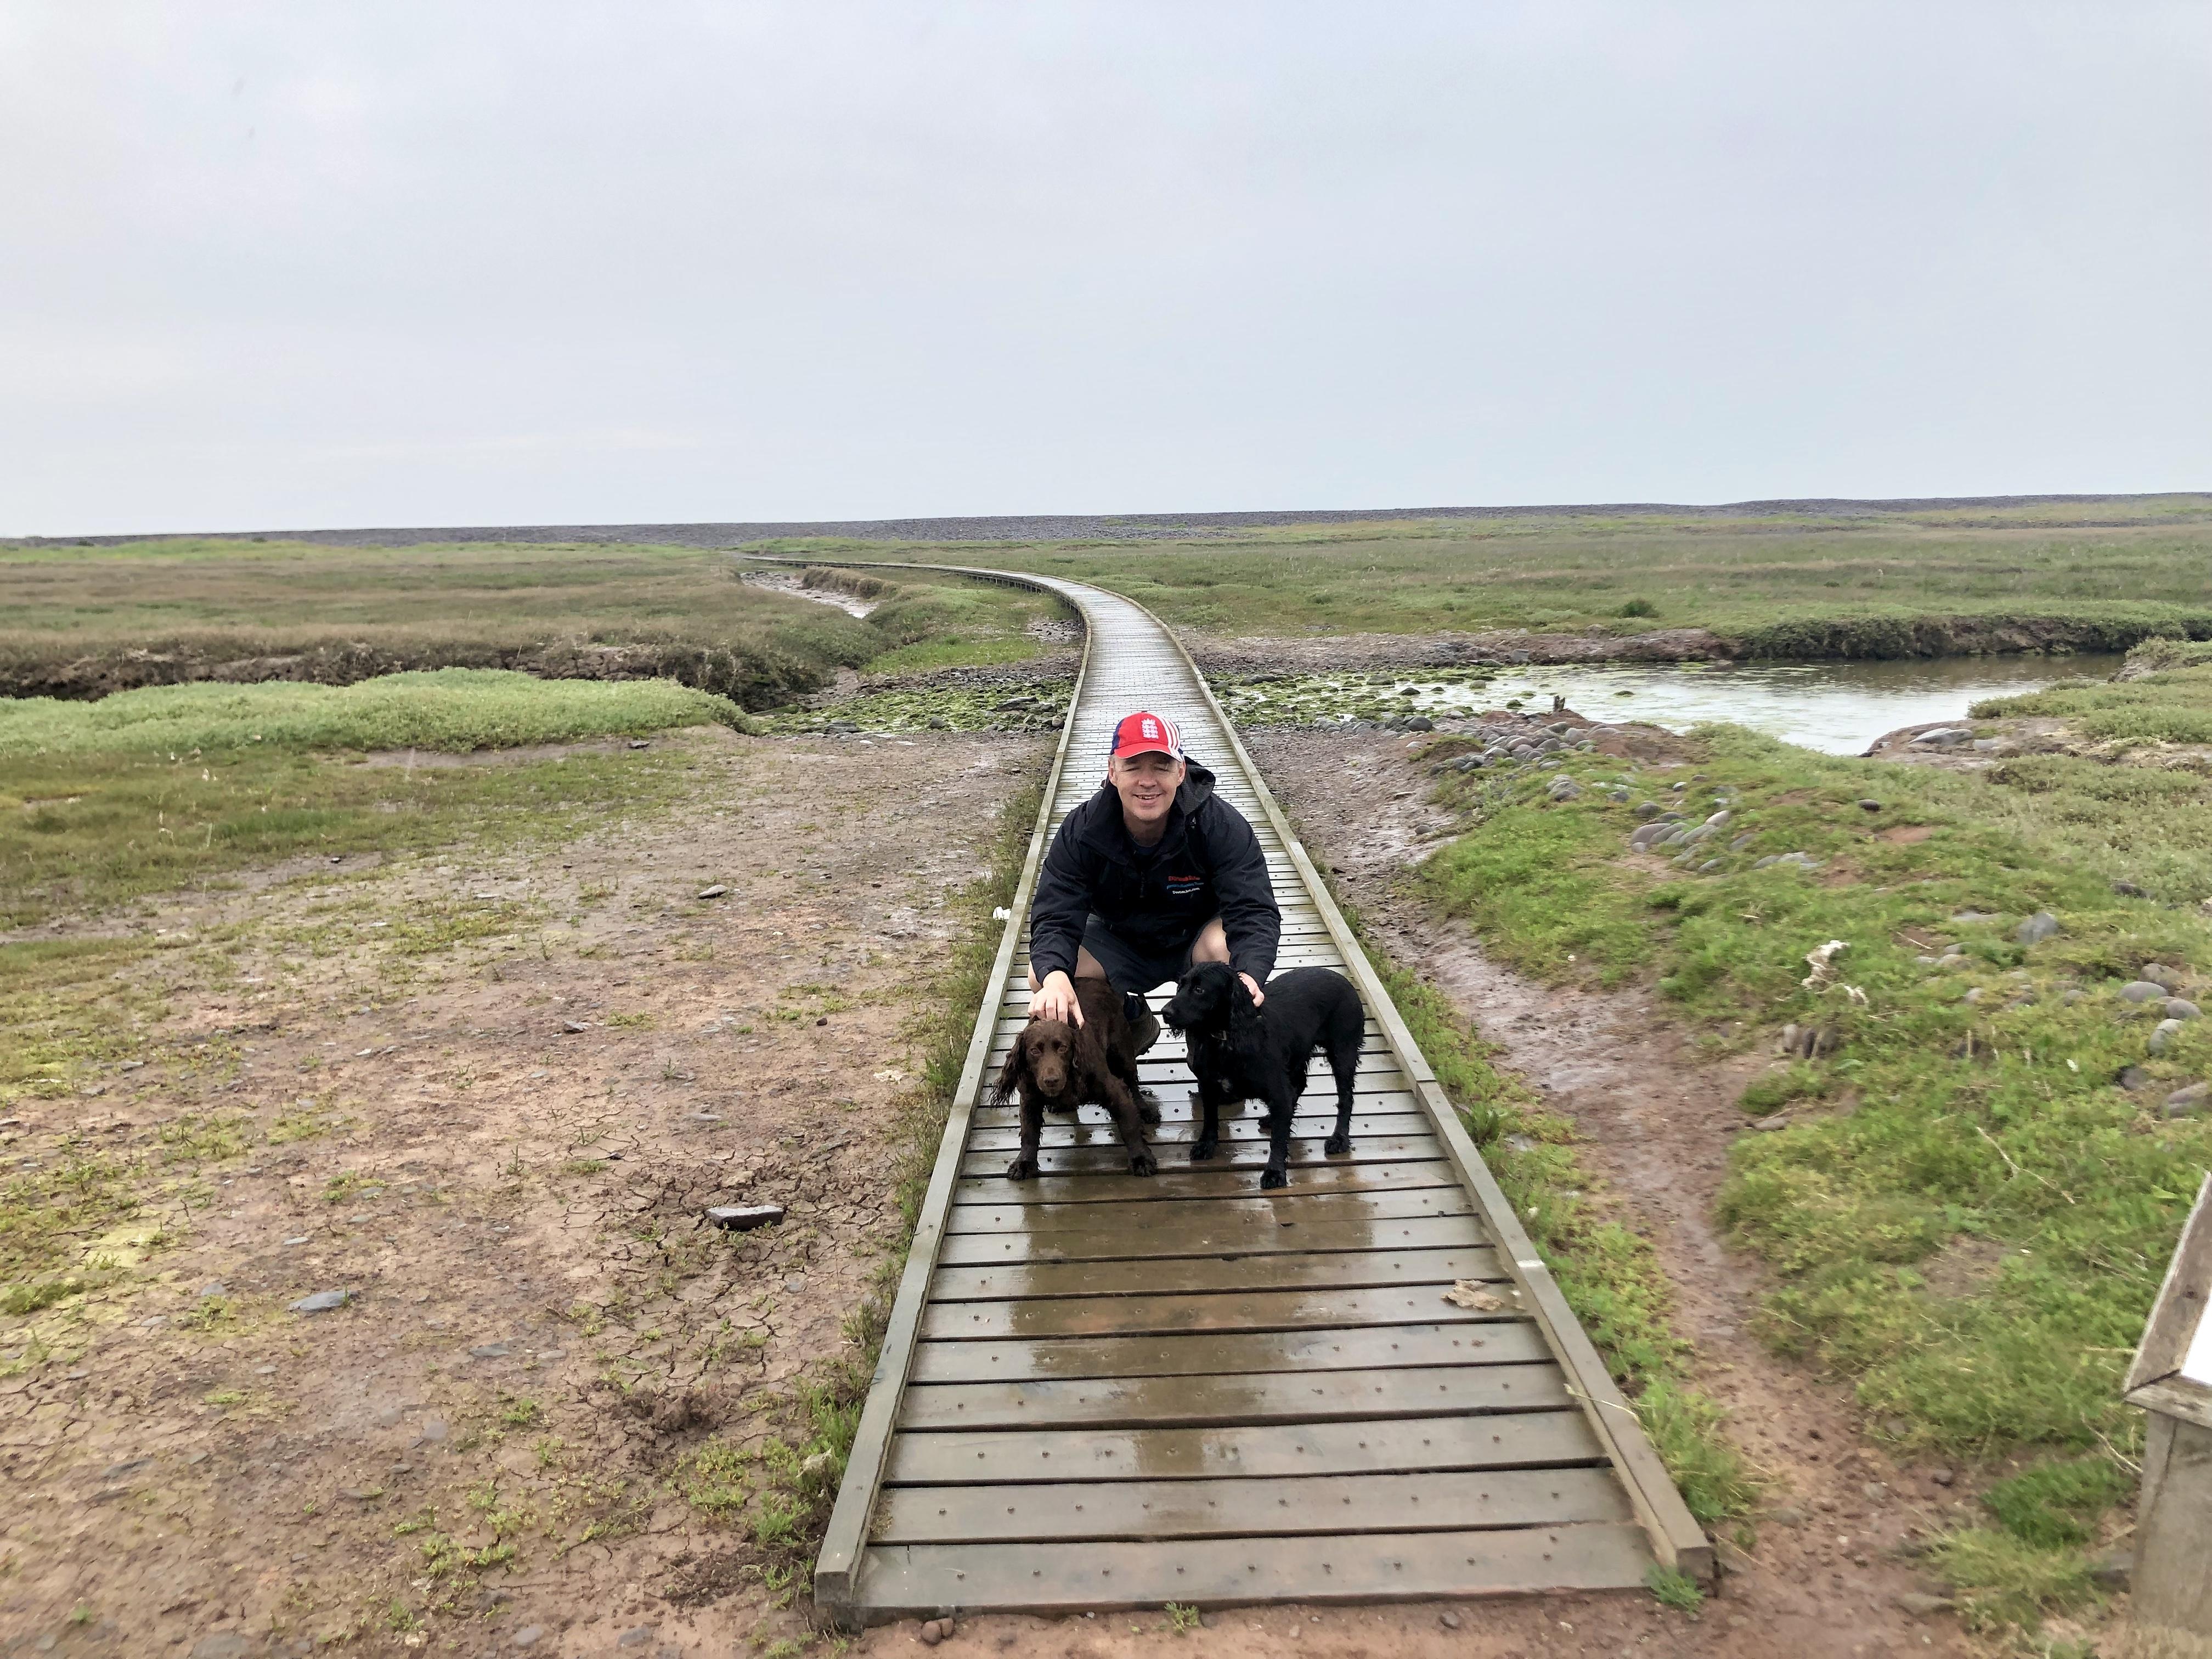 Wooden platforms run across the marshes near Porlock Weir